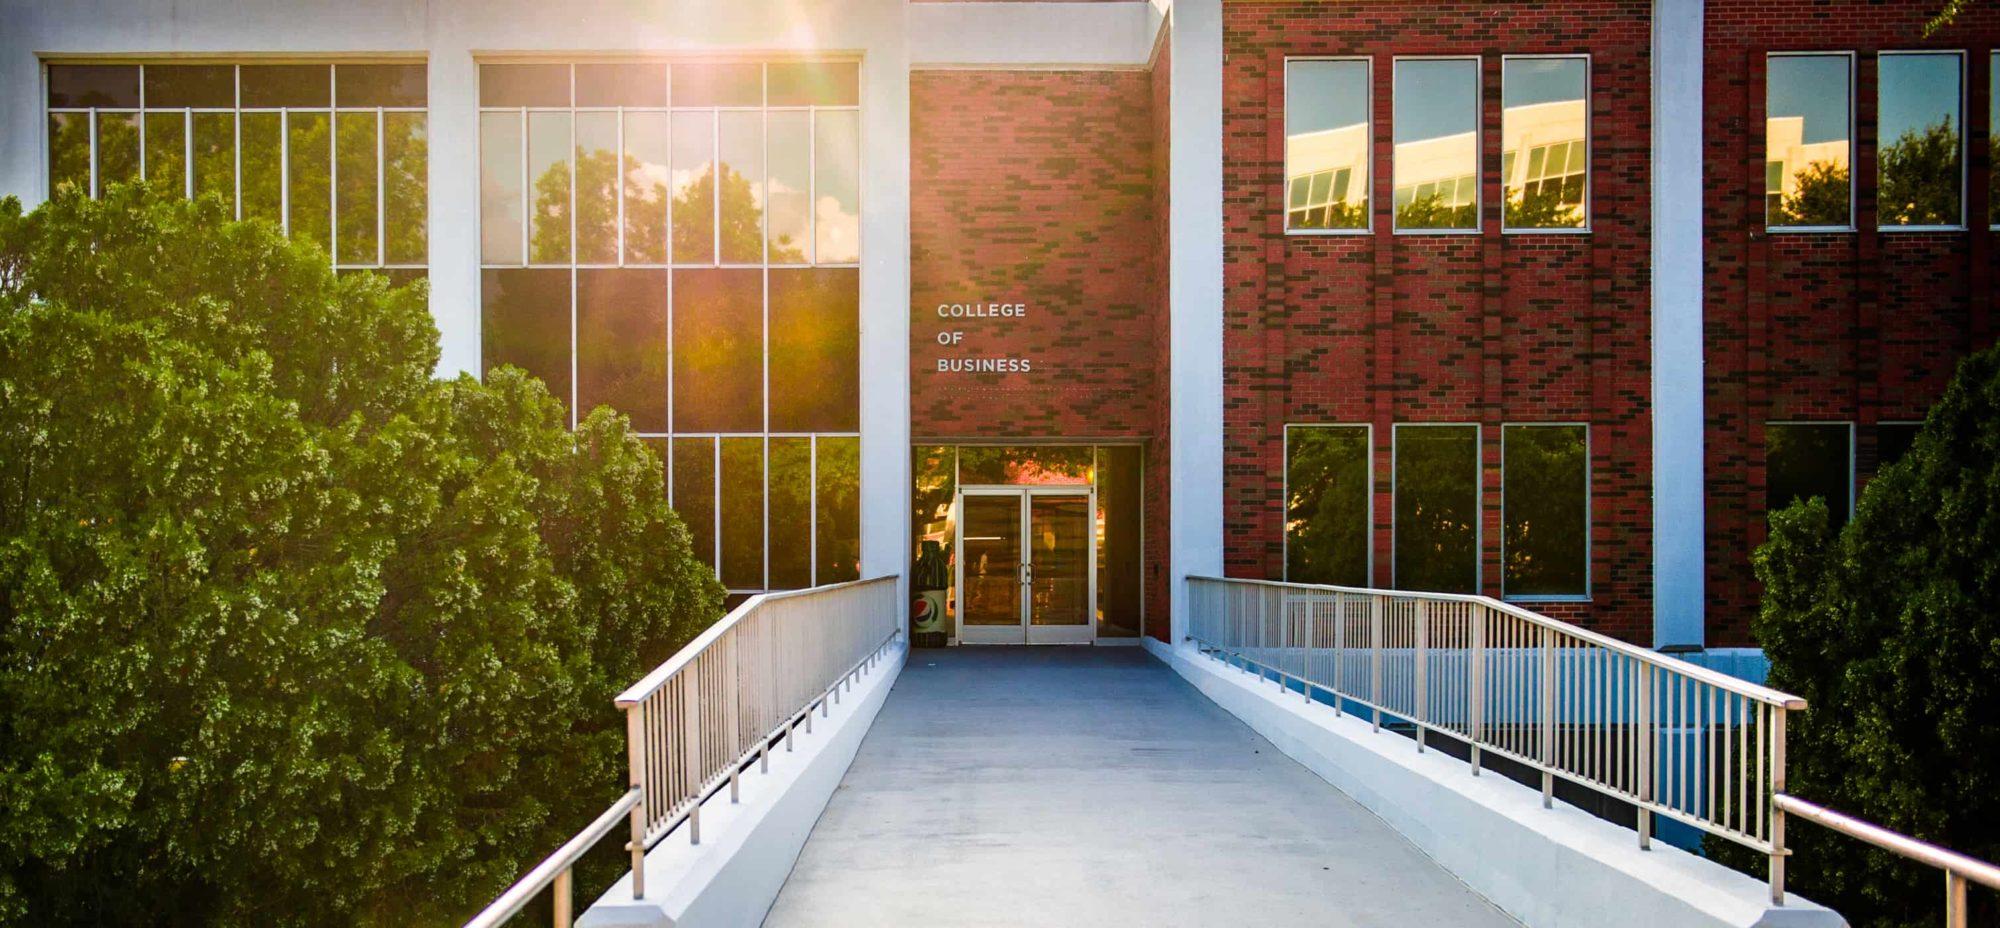 M18220-Campus-Architecture-7551